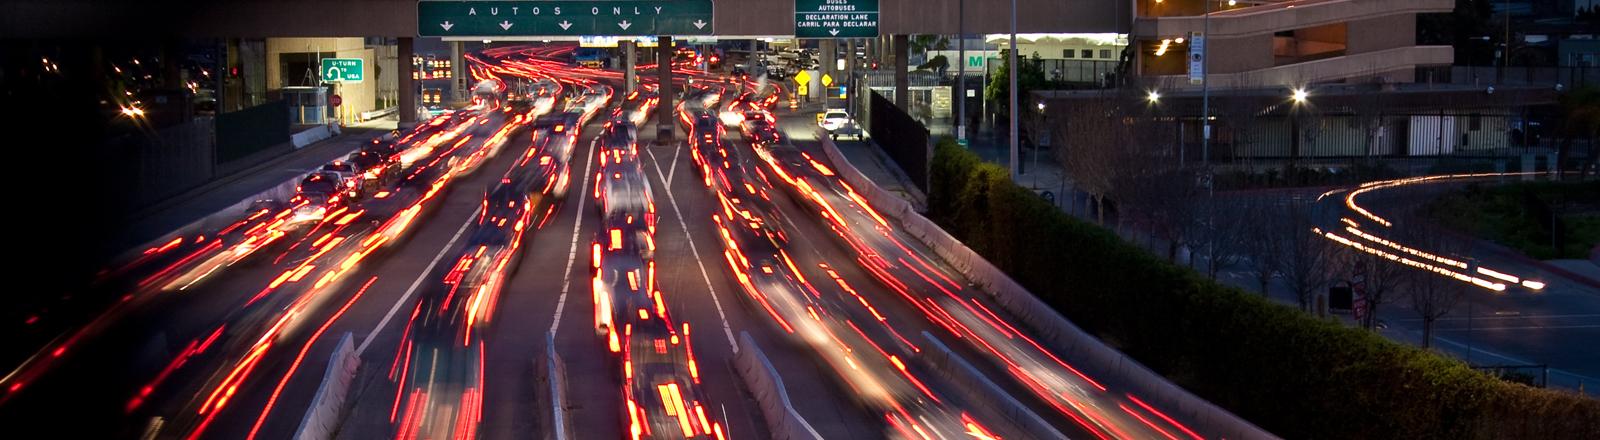 Eine mehrspurige Autobahn bei Nacht